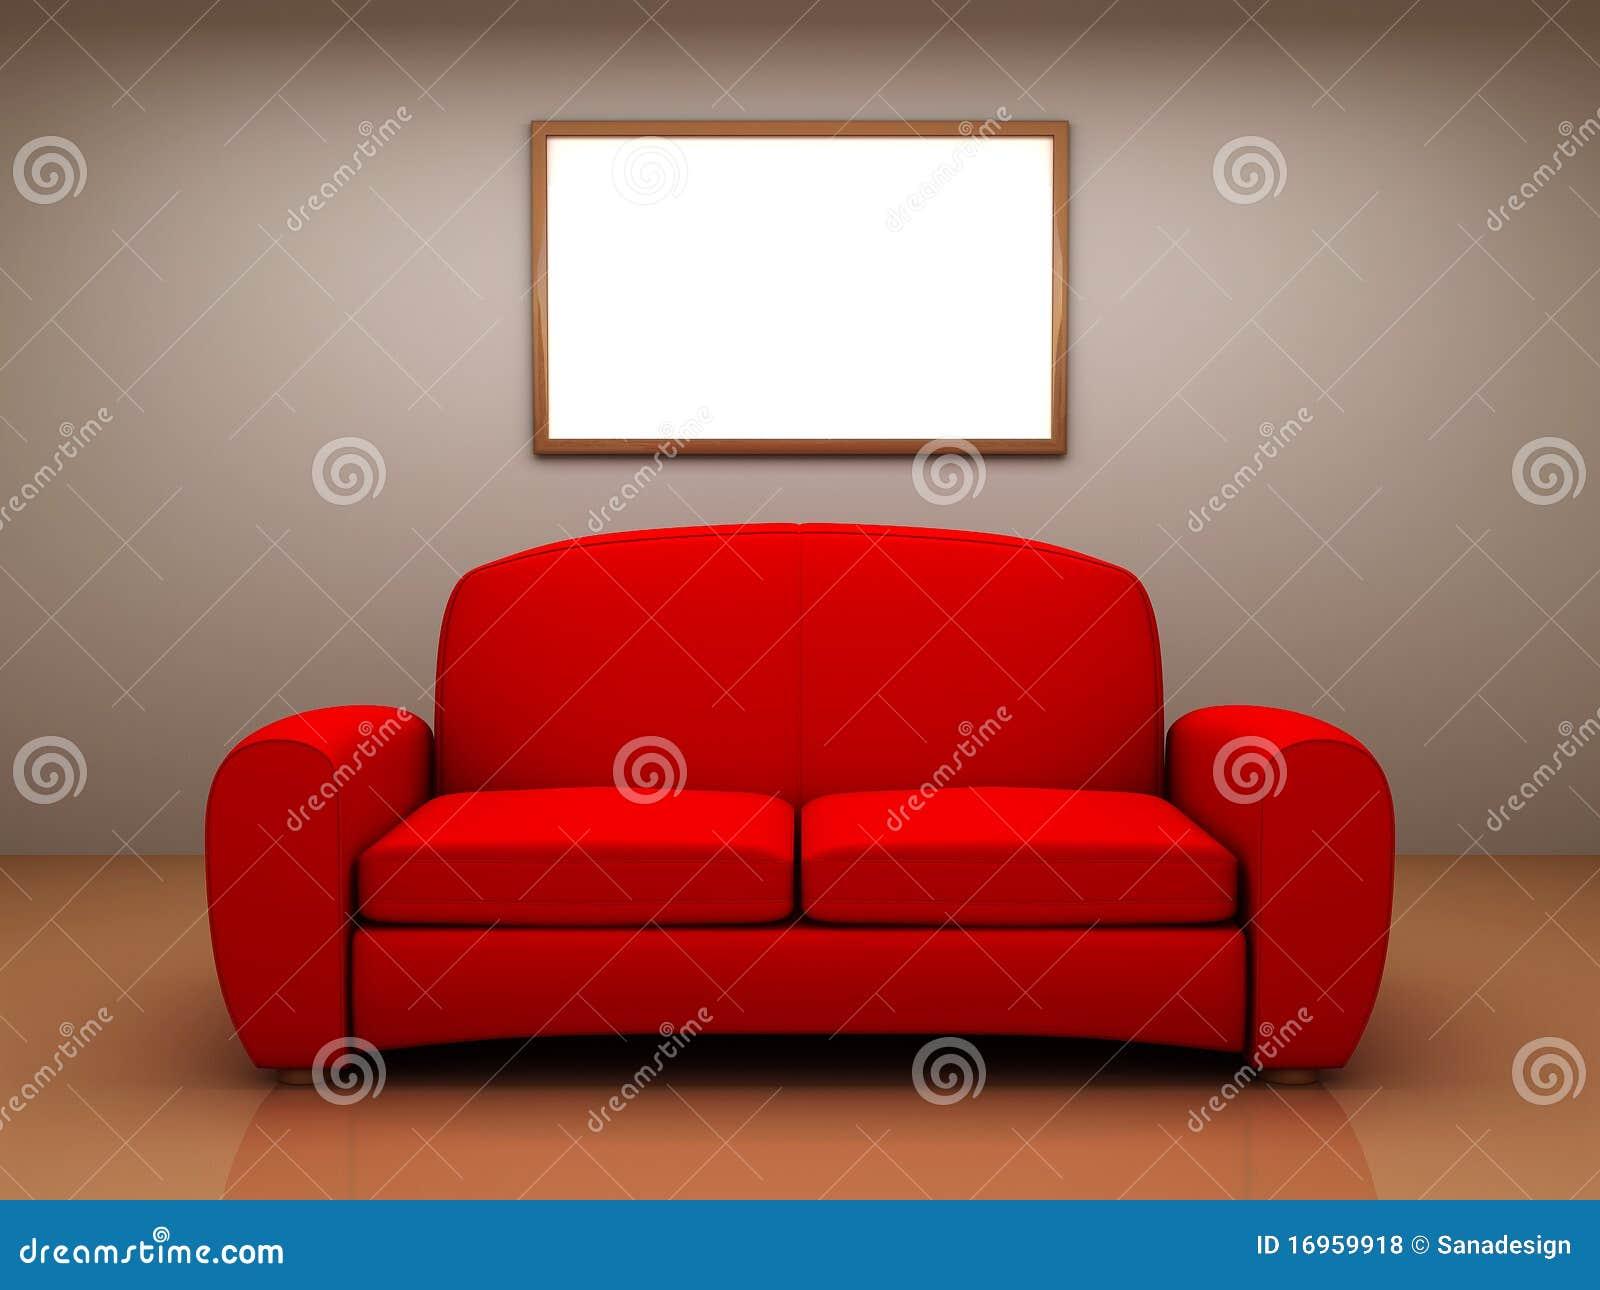 rotes sofa in einem raum mit einer unbelegten abbildung, Hause ideen